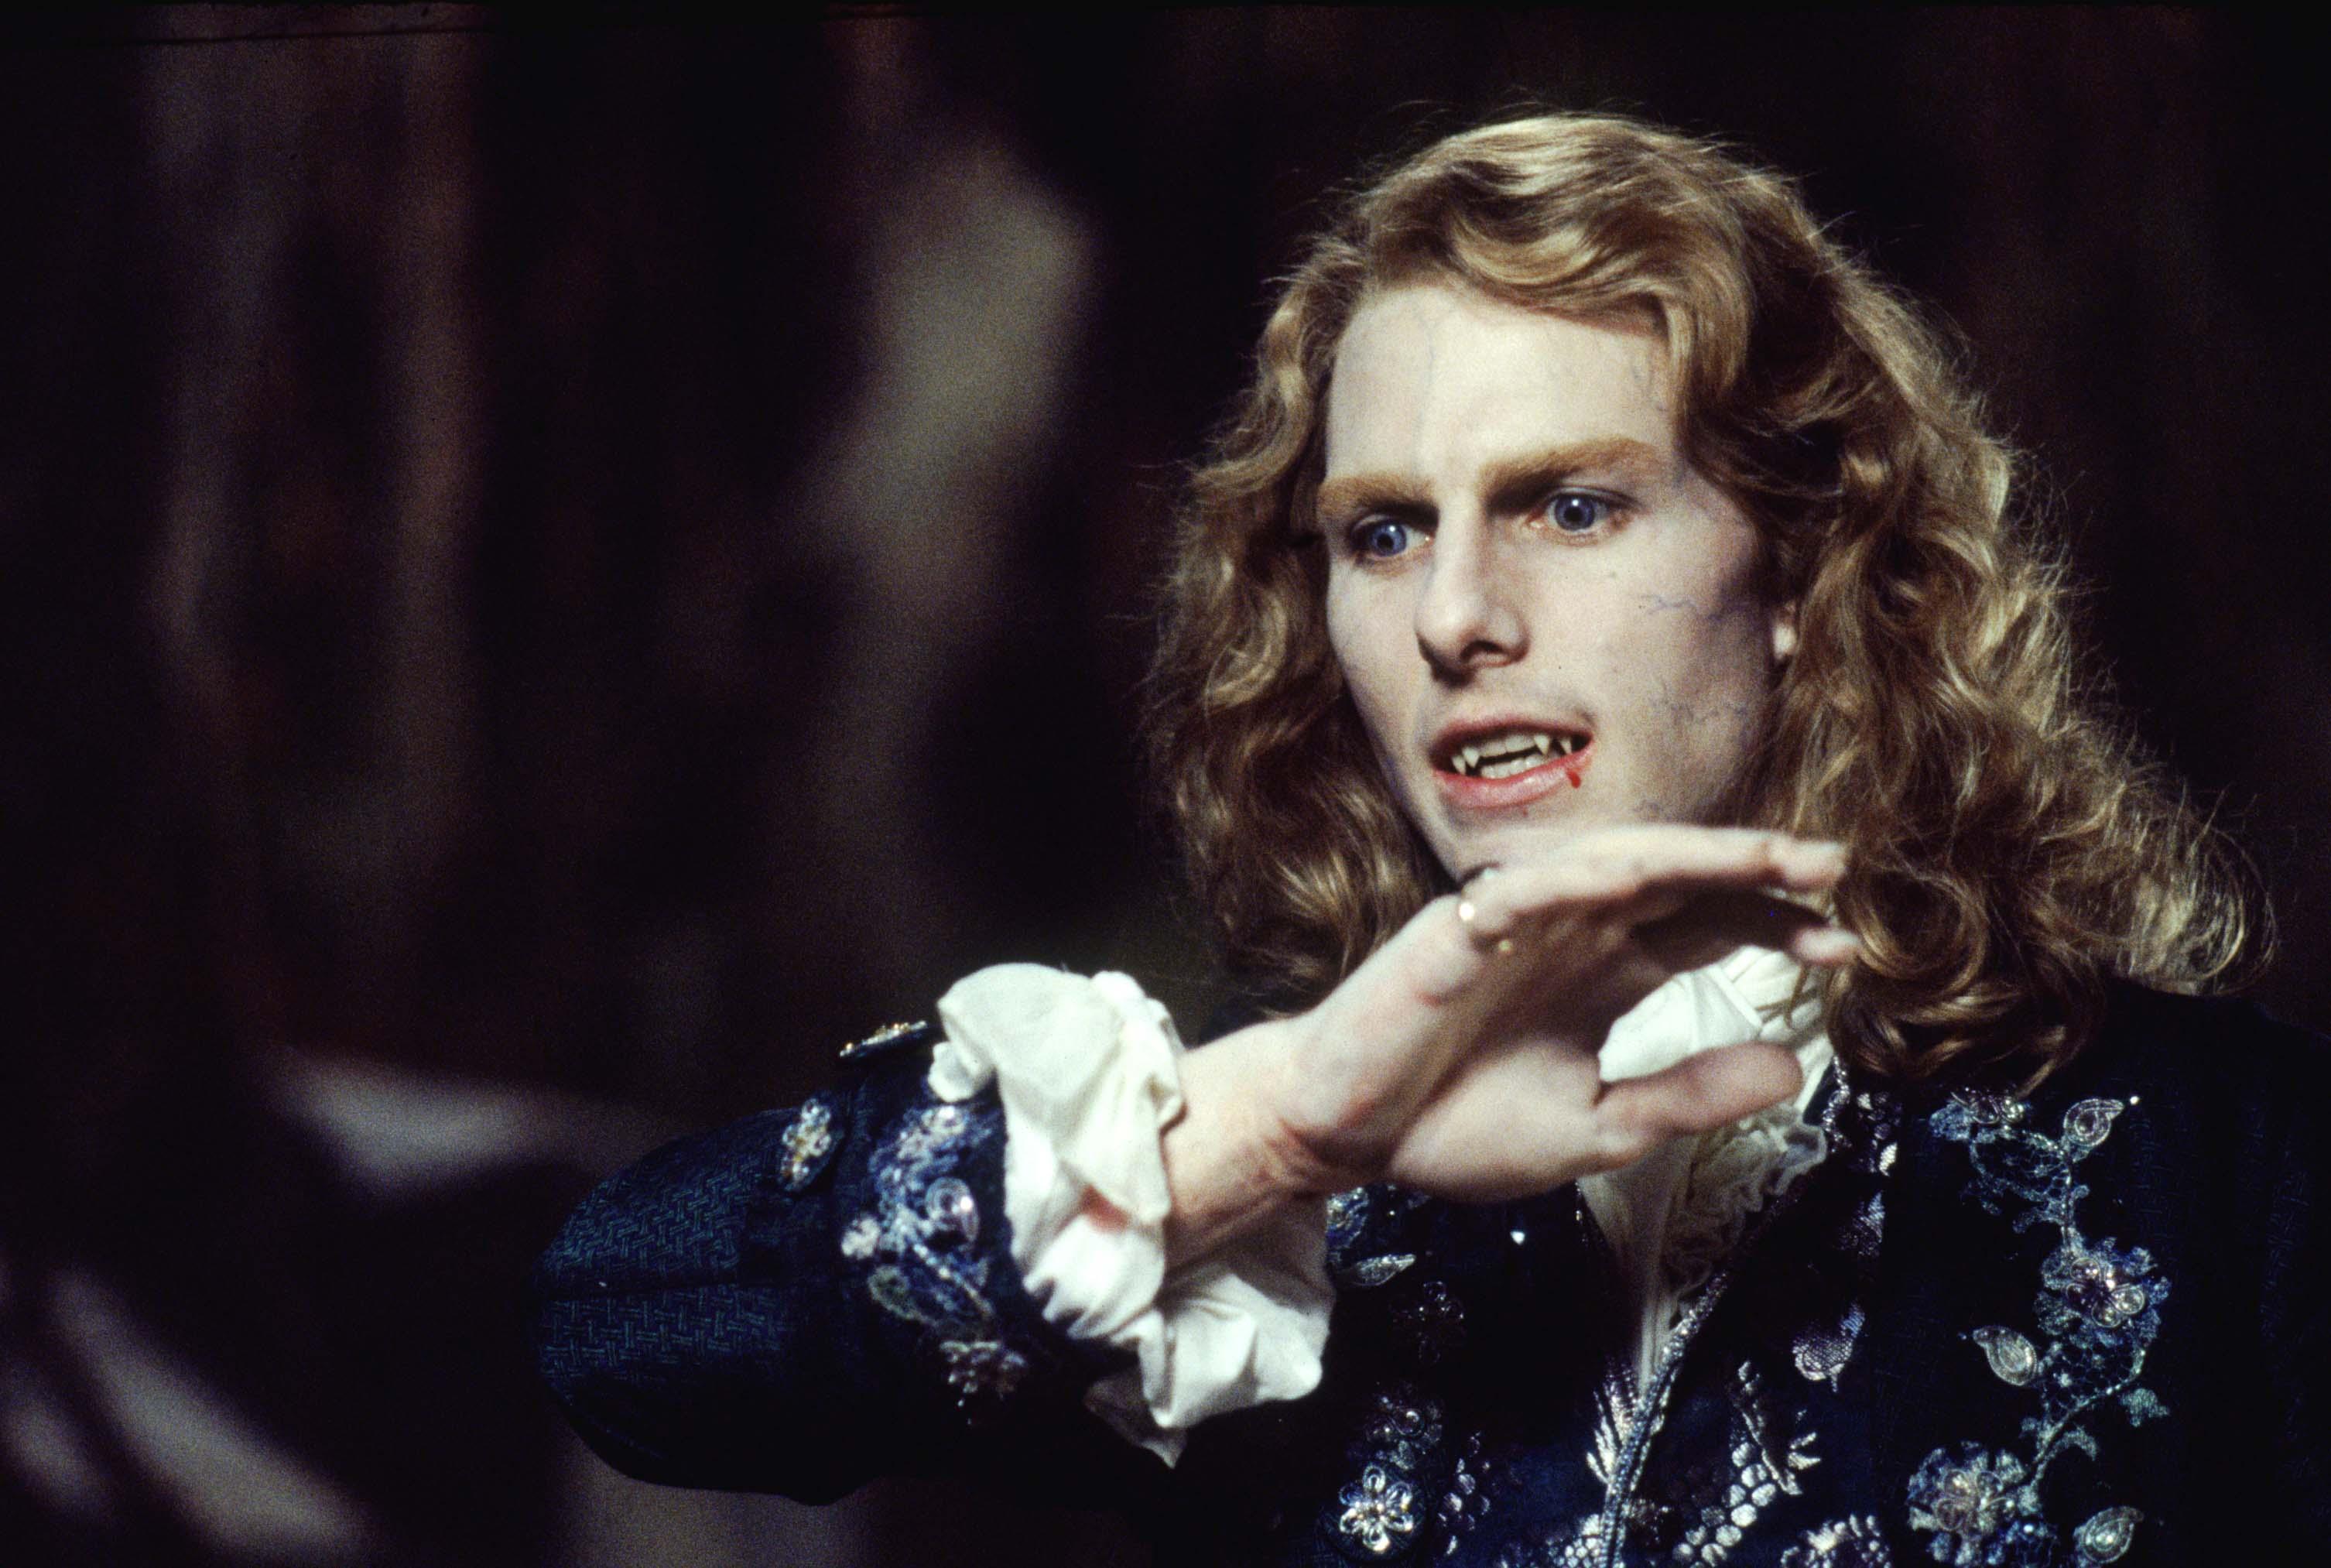 Interview with the Vampire, Lestat de Lioncourt, 1994.